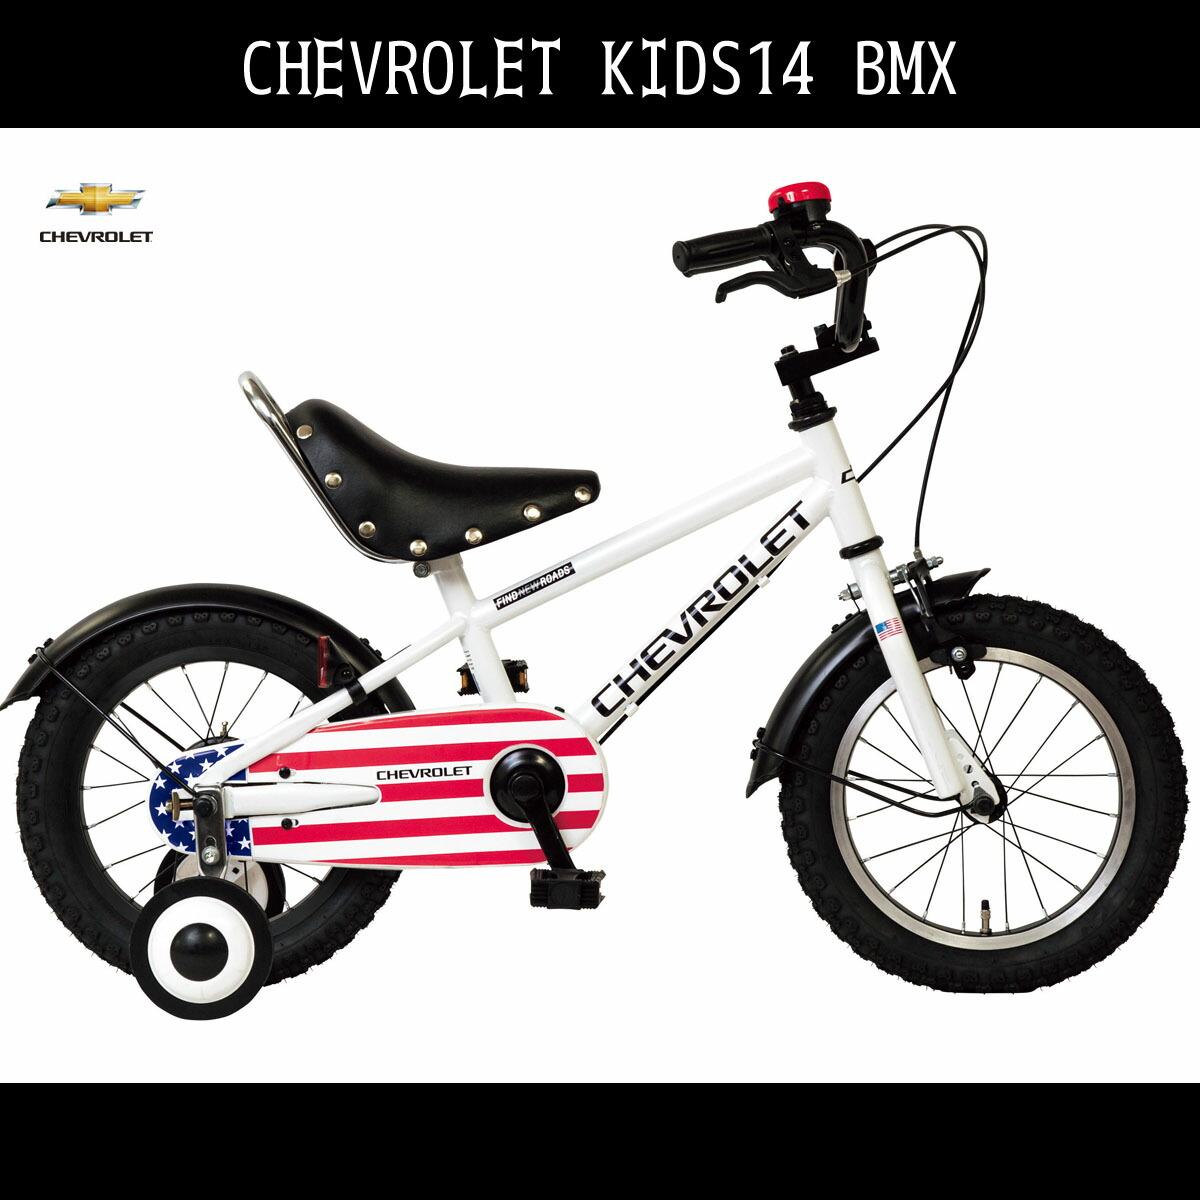 子供用 マウンテンバイク 幼児補助輪付き シボレー 自転車 ホワイト/白14インチ 自転車 ギアなし 補助輪 泥除け CHEVROLET CHEVY シェビー シボレー KID'S14BMXキッズ 自転車 ジュニア